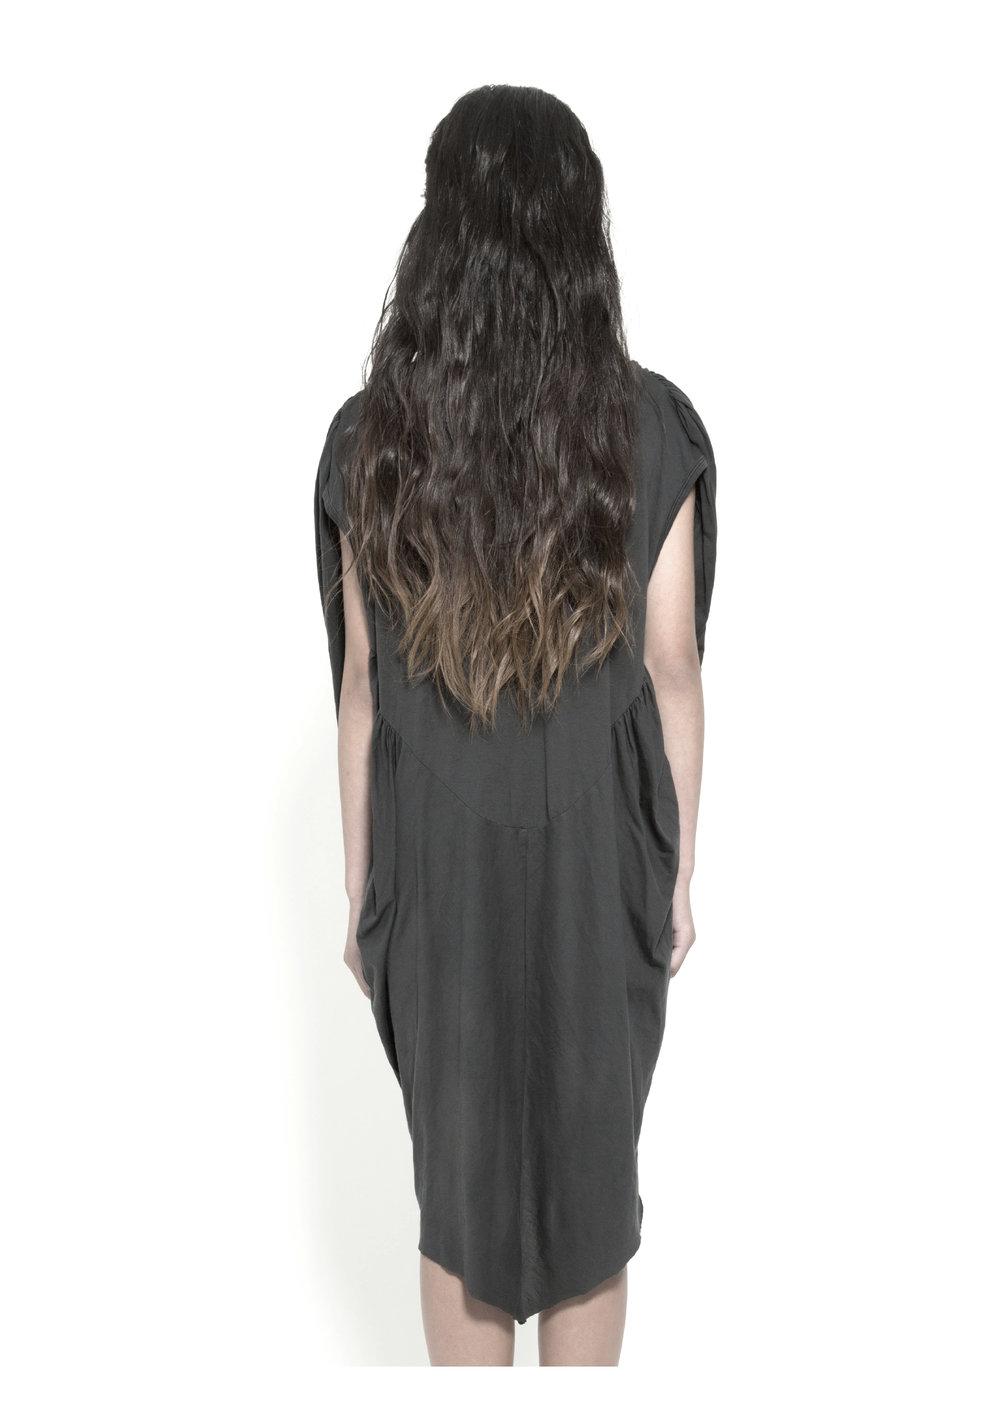 Sada Dress 3.jpg